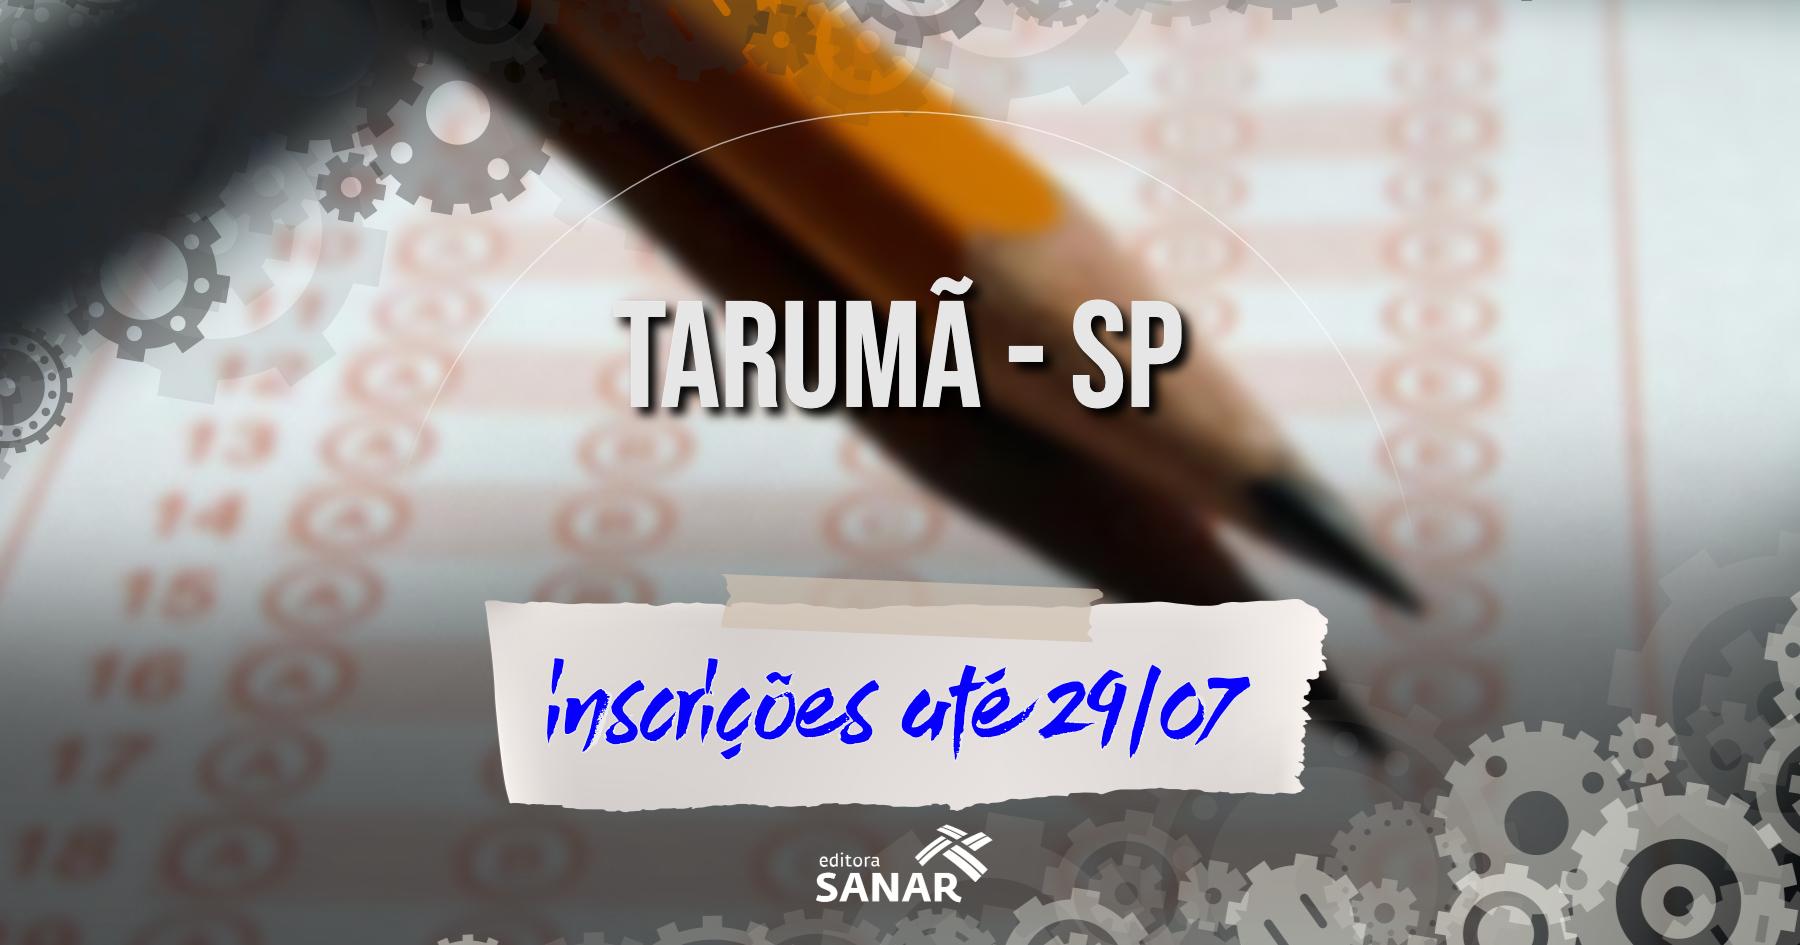 Seleção | Tarumã (SP) divulga edital